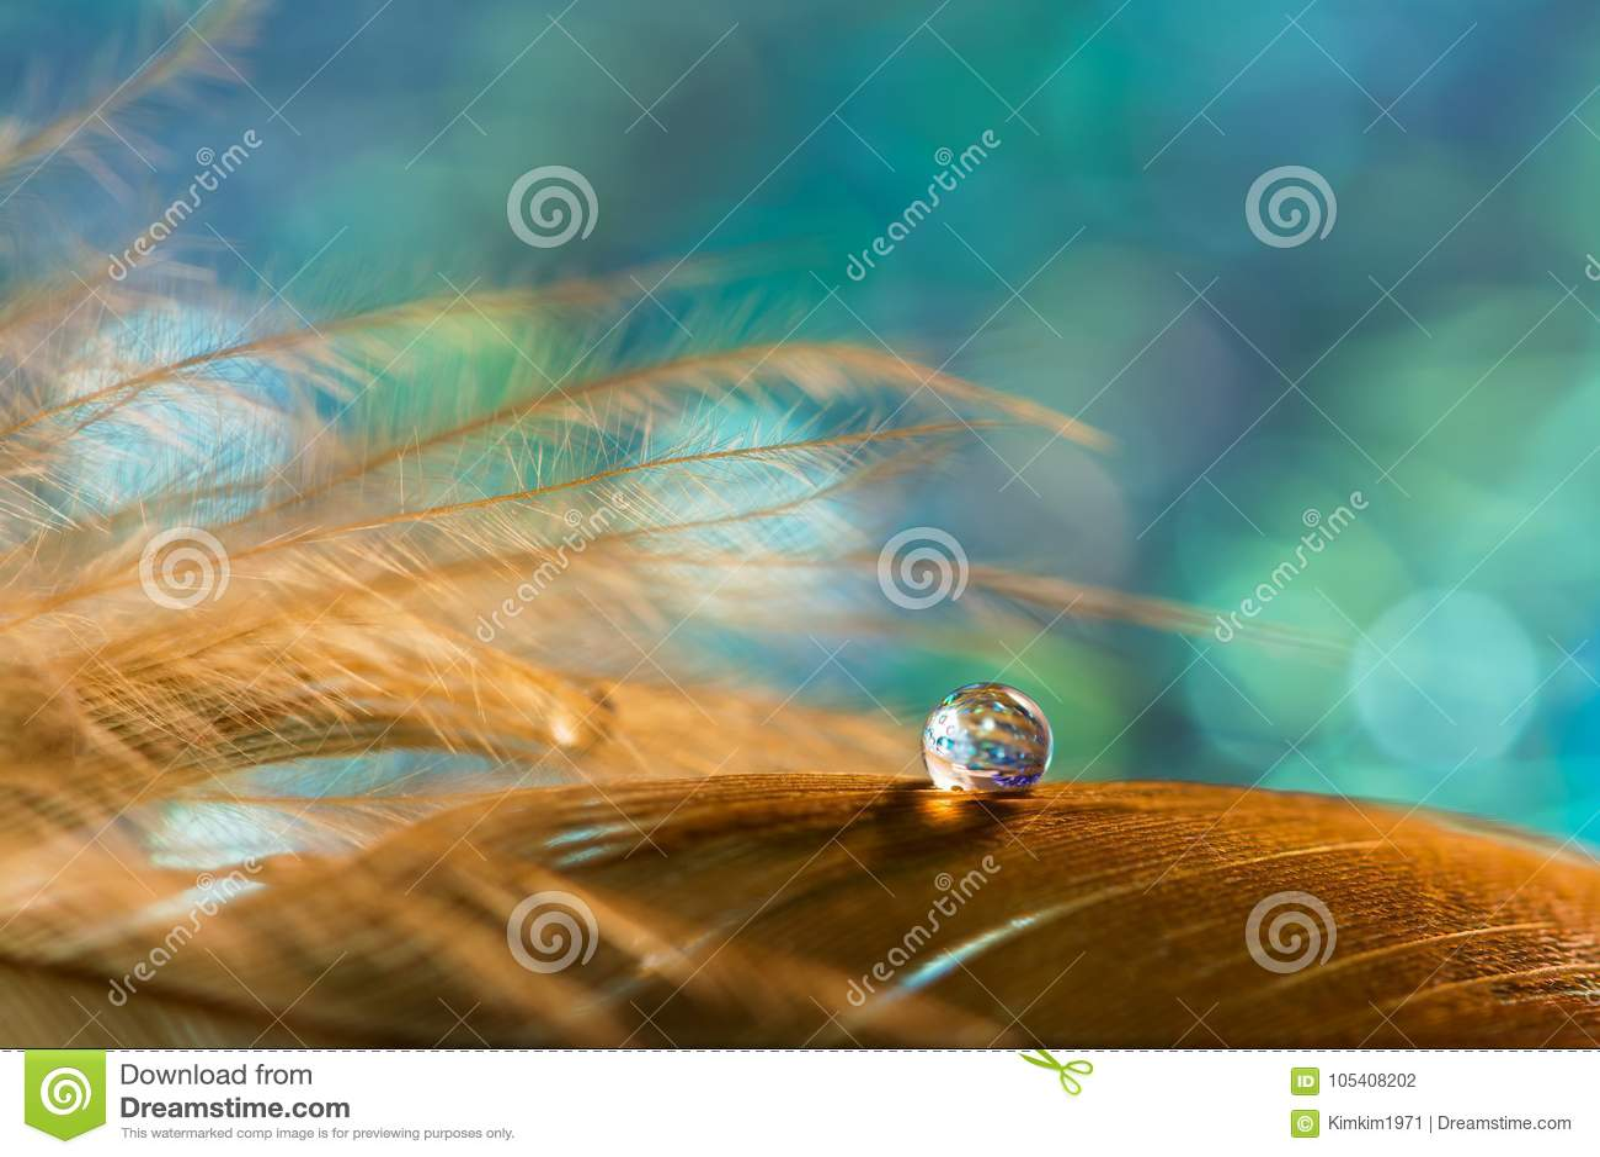 En droppe på den guld- fjädern av fågeln på en smaragdbakgrund Härlig stilfull makro